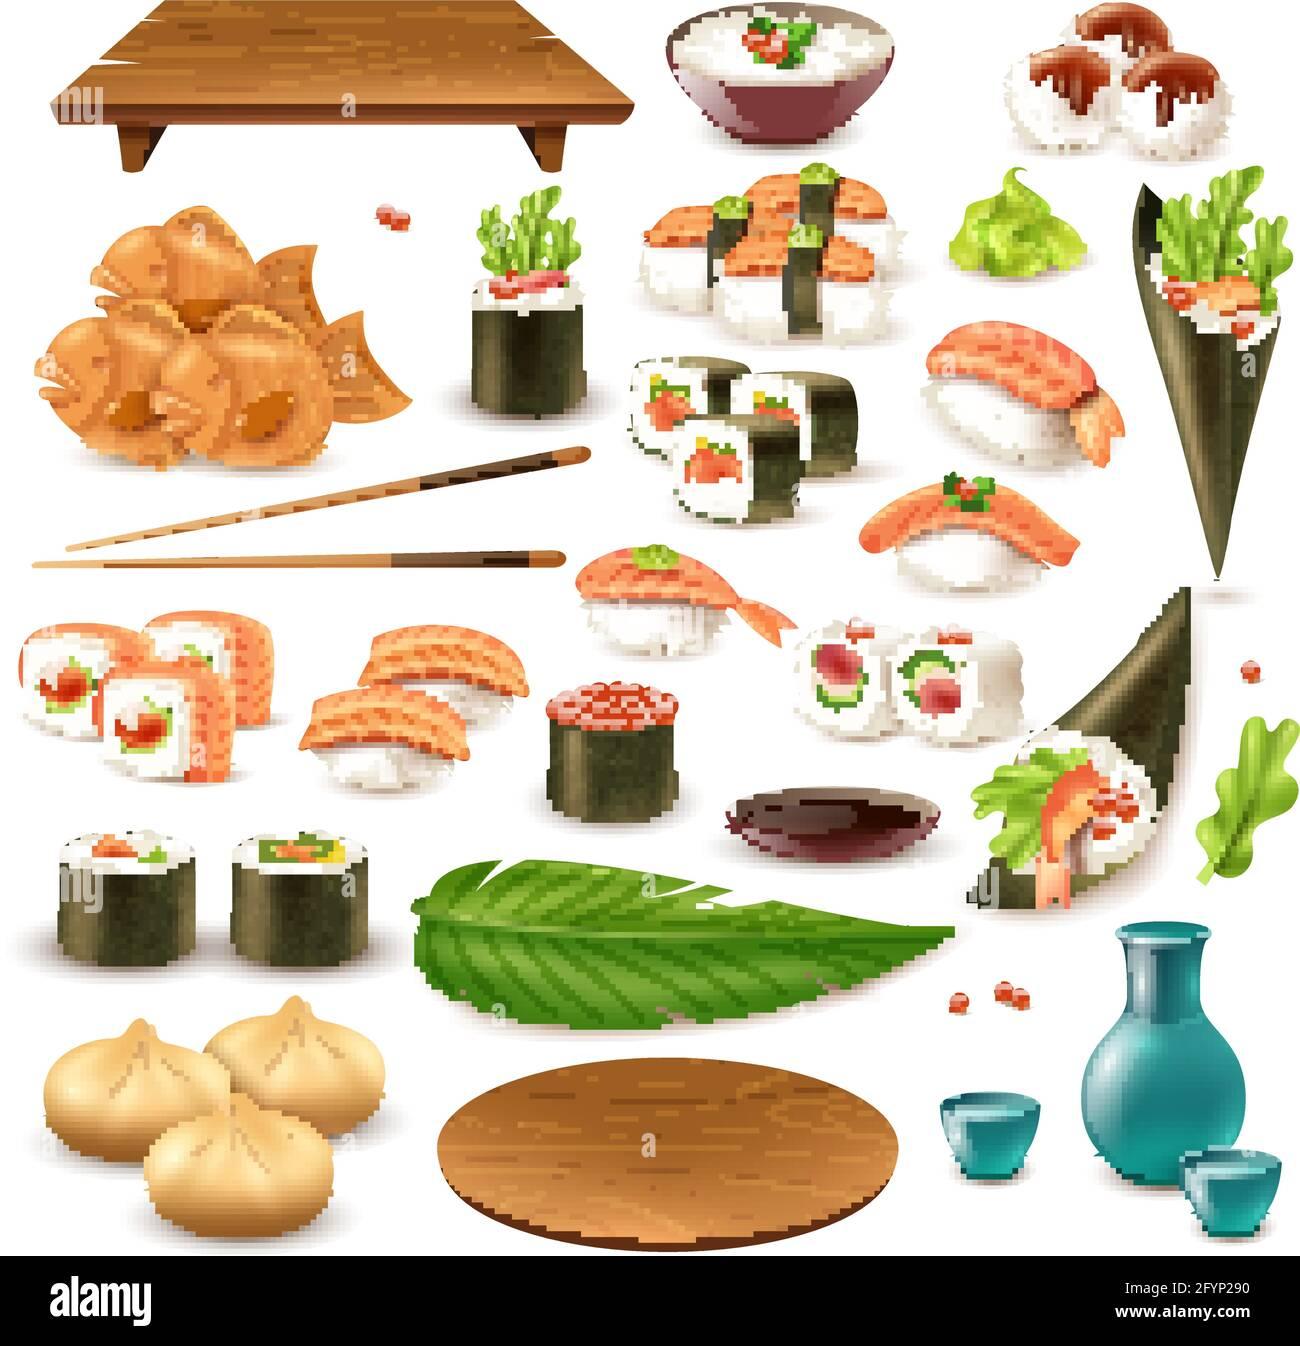 Ensemble de plats japonais comprenant sushi, saké, riz dans un bol, boulettes, wasabi, illustration vectorielle isolée de sauce soja Illustration de Vecteur